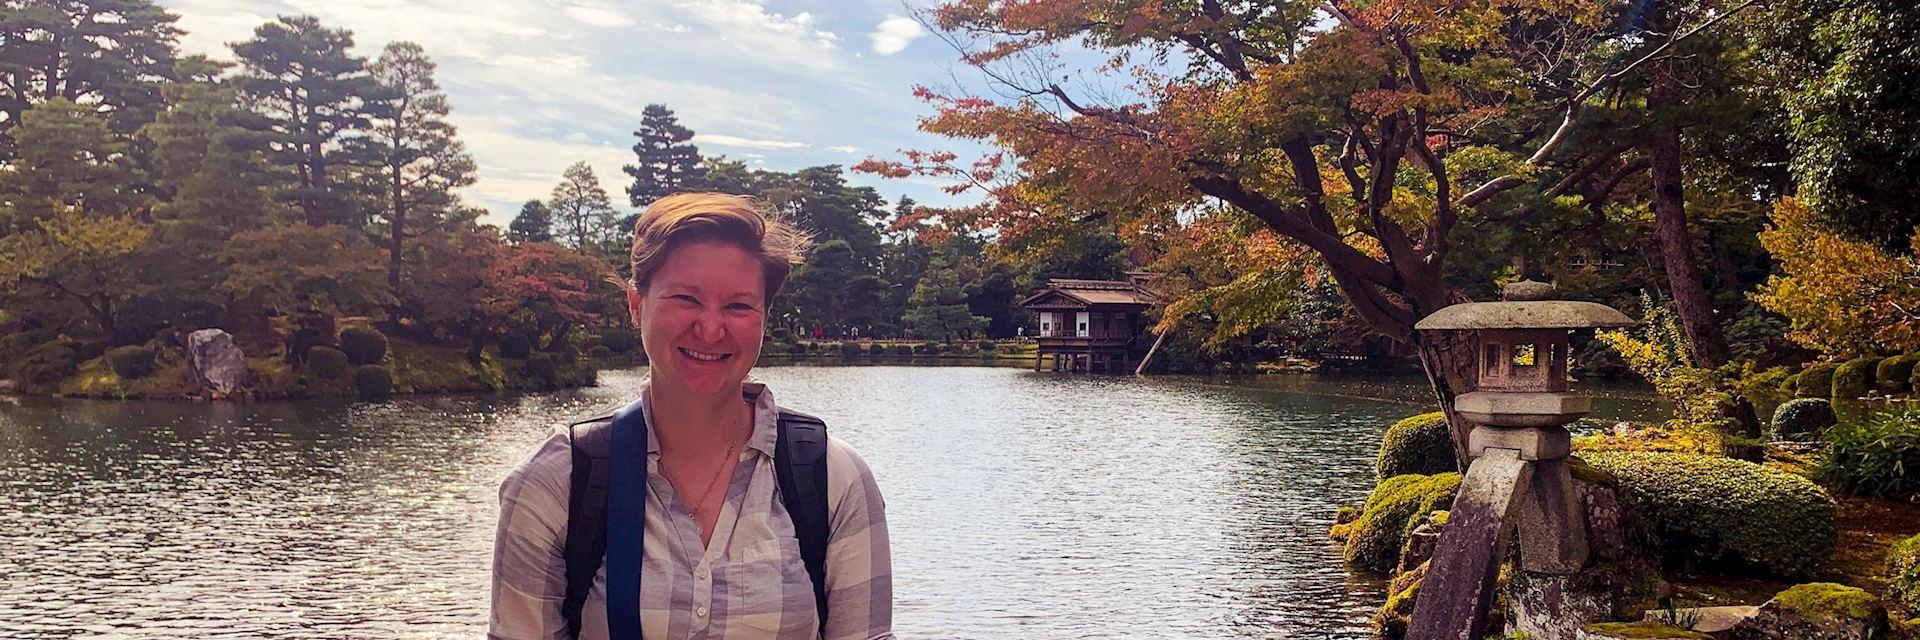 Alexandra at Kenroku-en, Kanazawa, Japan